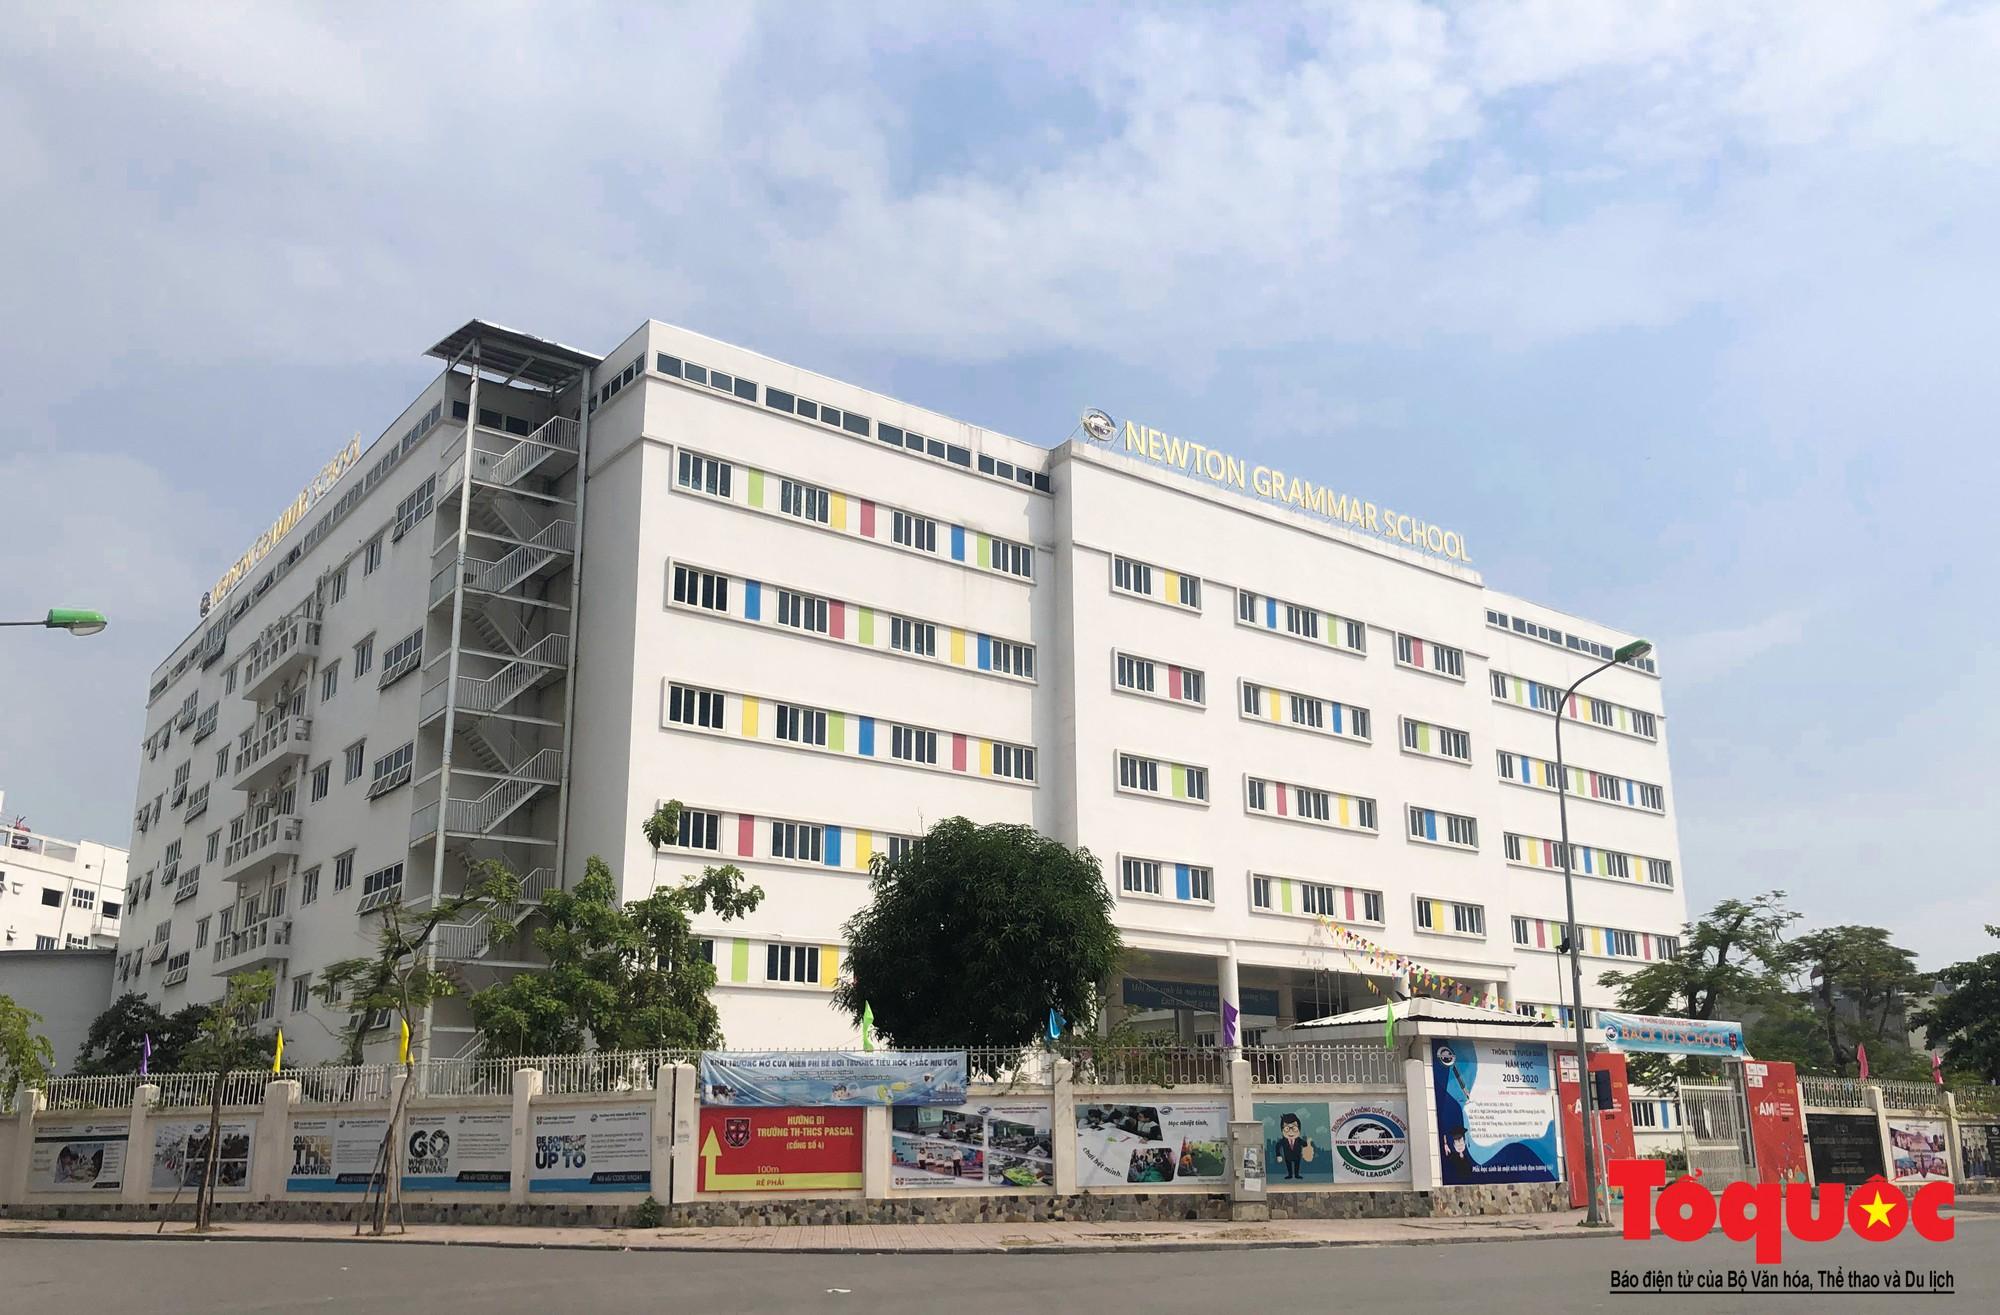 Loạn danh xưng trường quốc tế trên địa bàn quận Cầu Giấy (18)